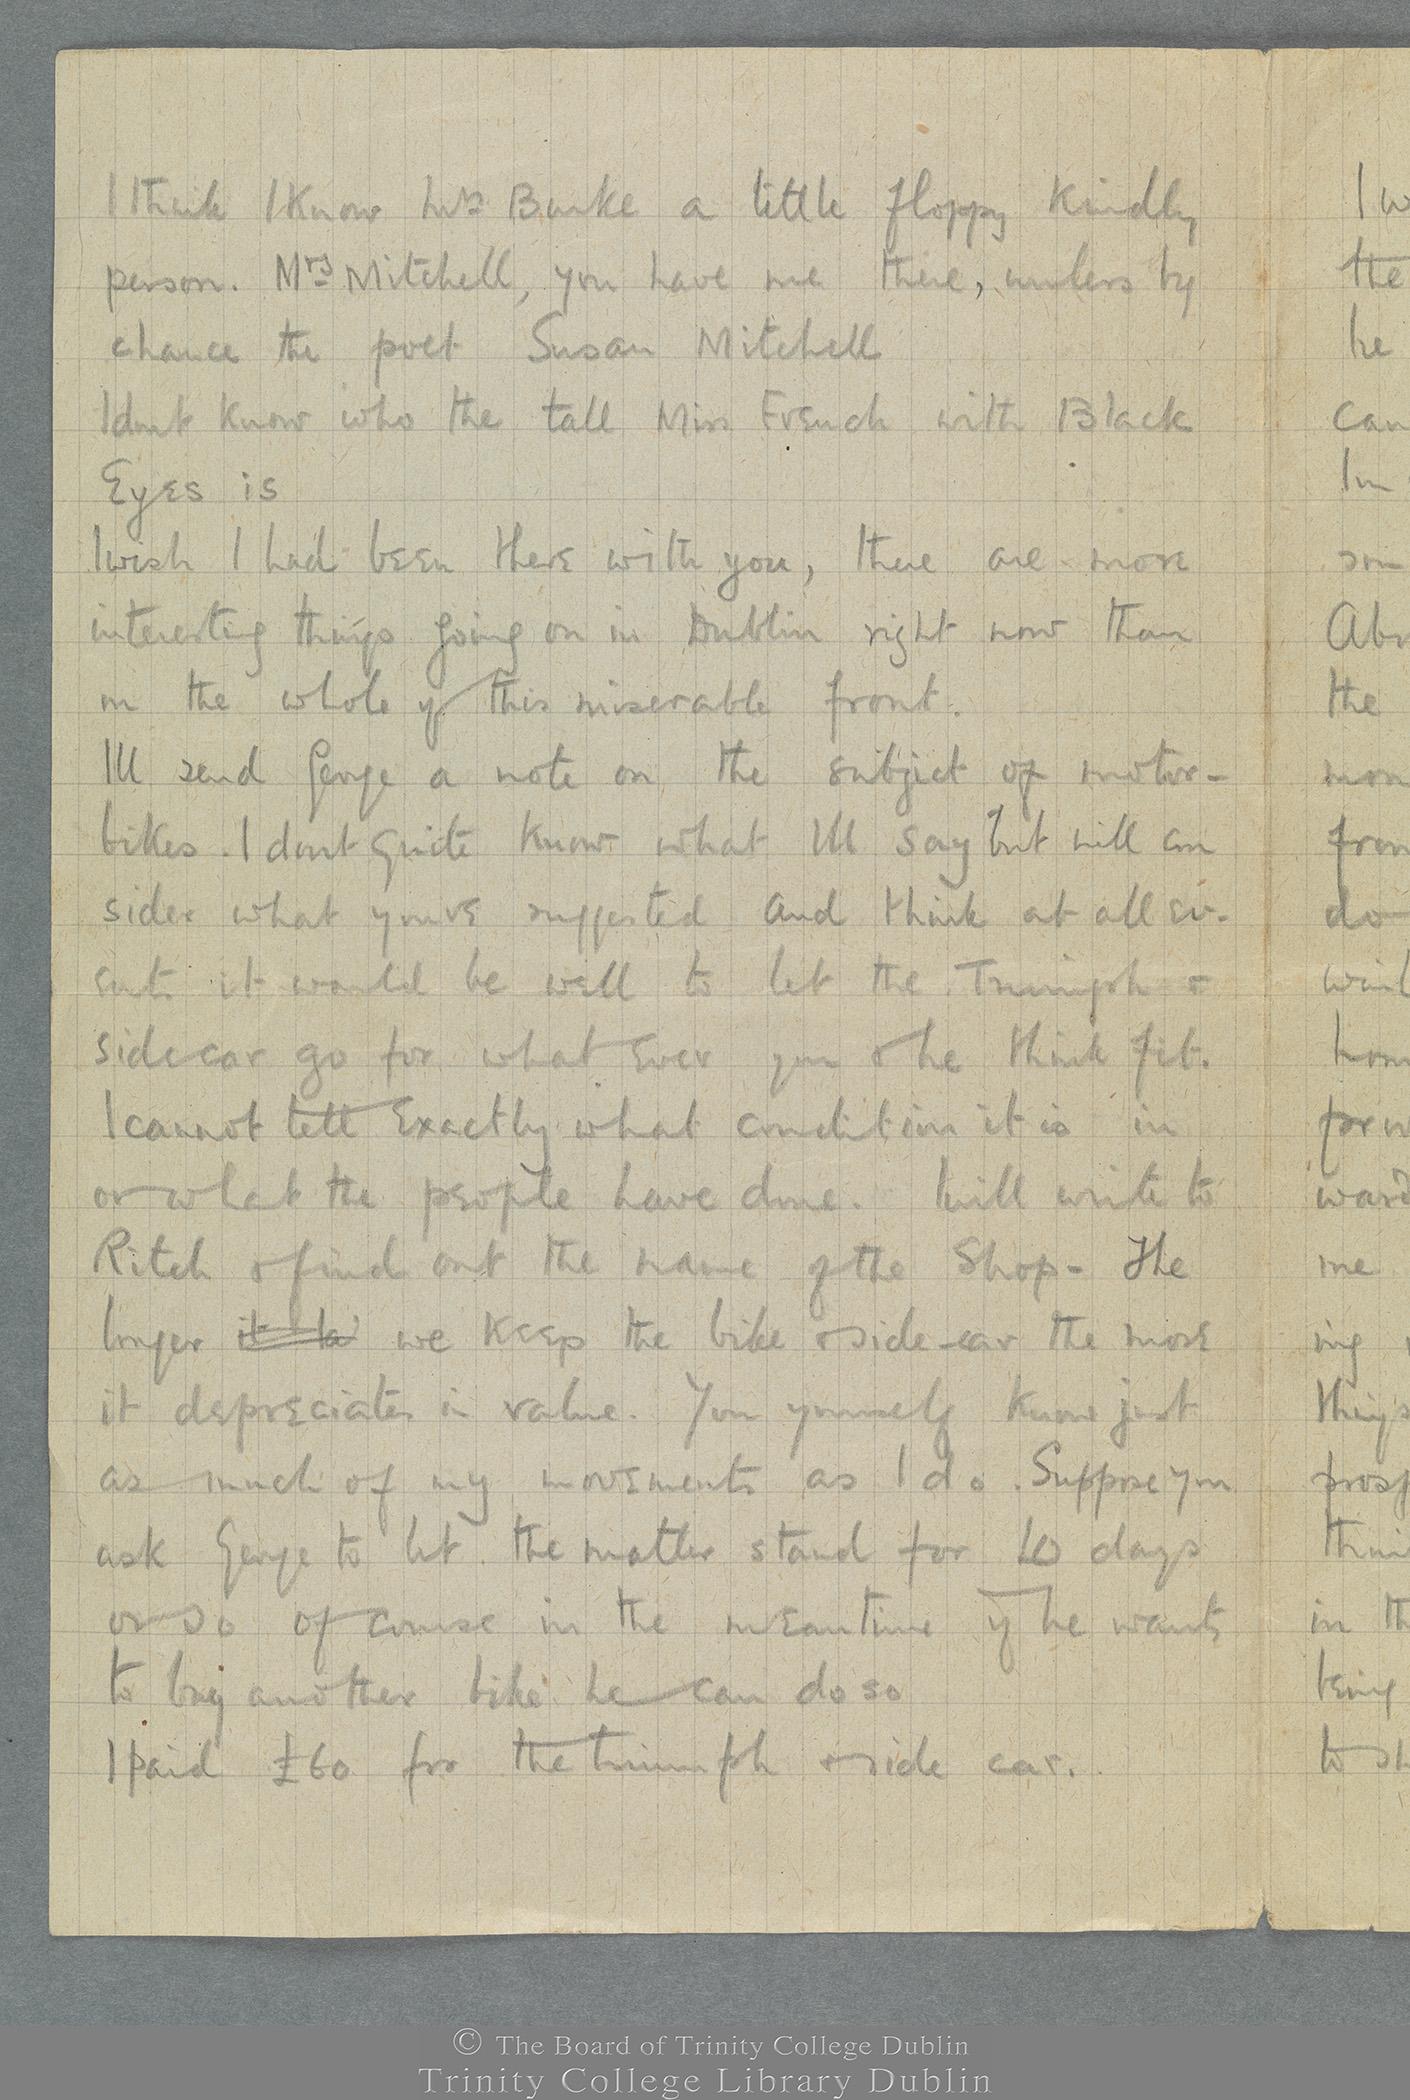 TCD MS 11274/2 folio 1 verso